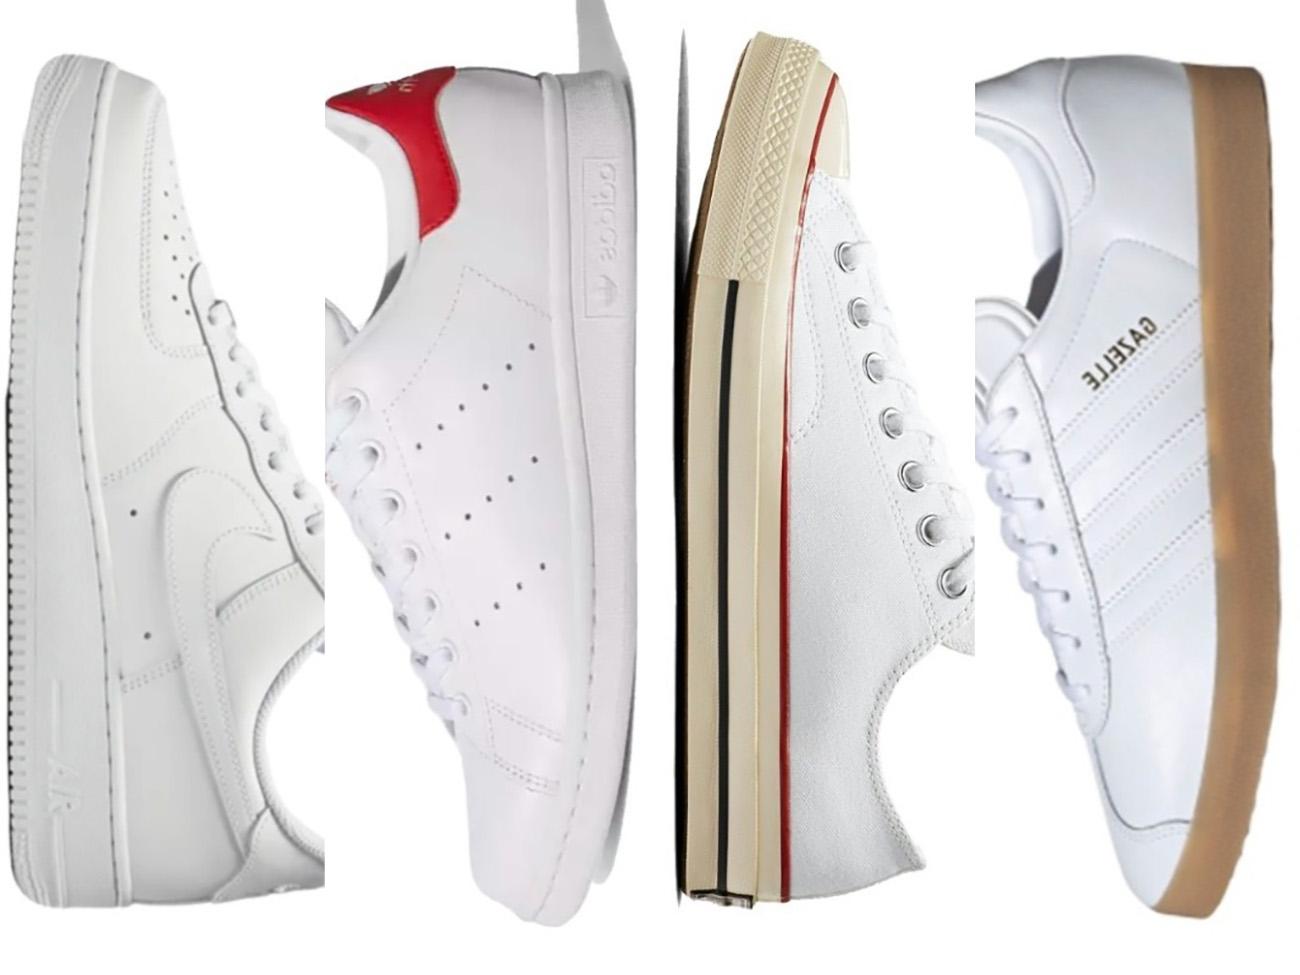 9 κλασικά λευκά sneakers που μπορείς να φοράς όλο το καλοκαίρι